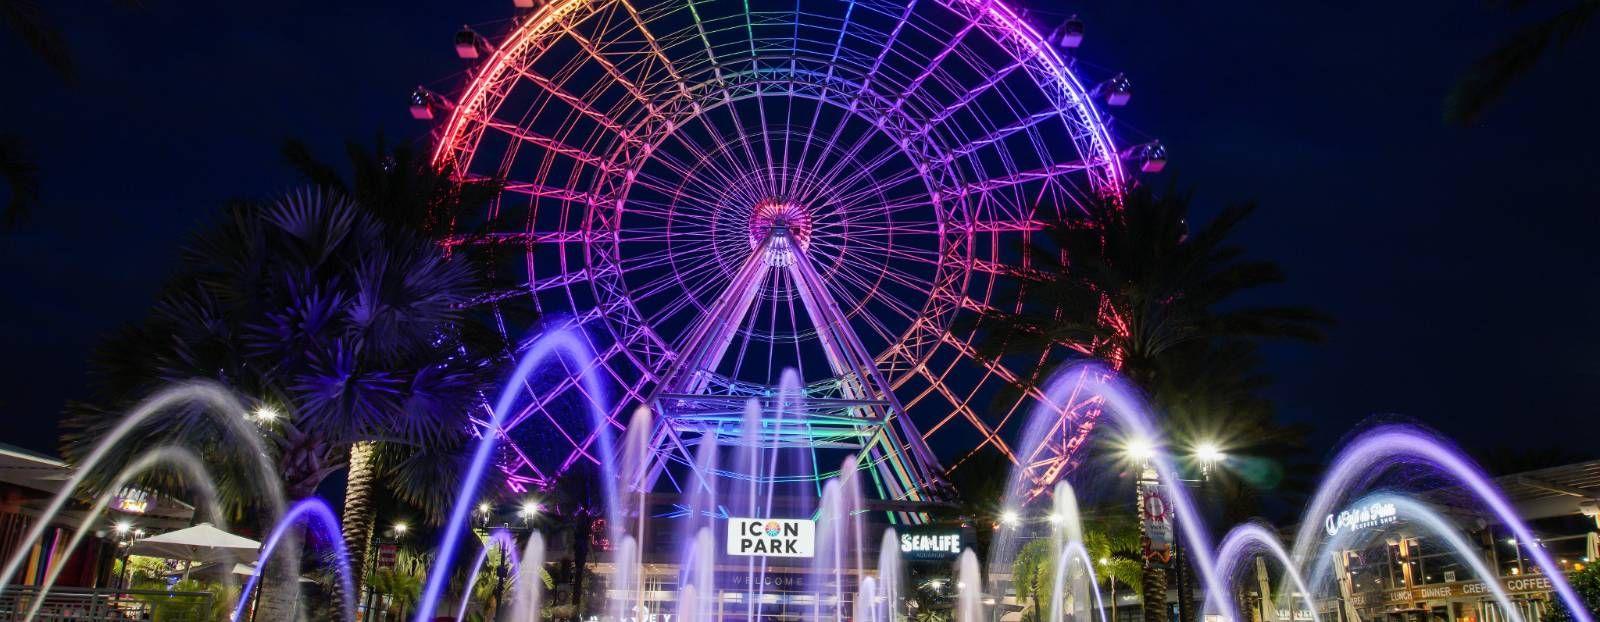 The Wheel at ICON Park Attractions in orlando, Orlando